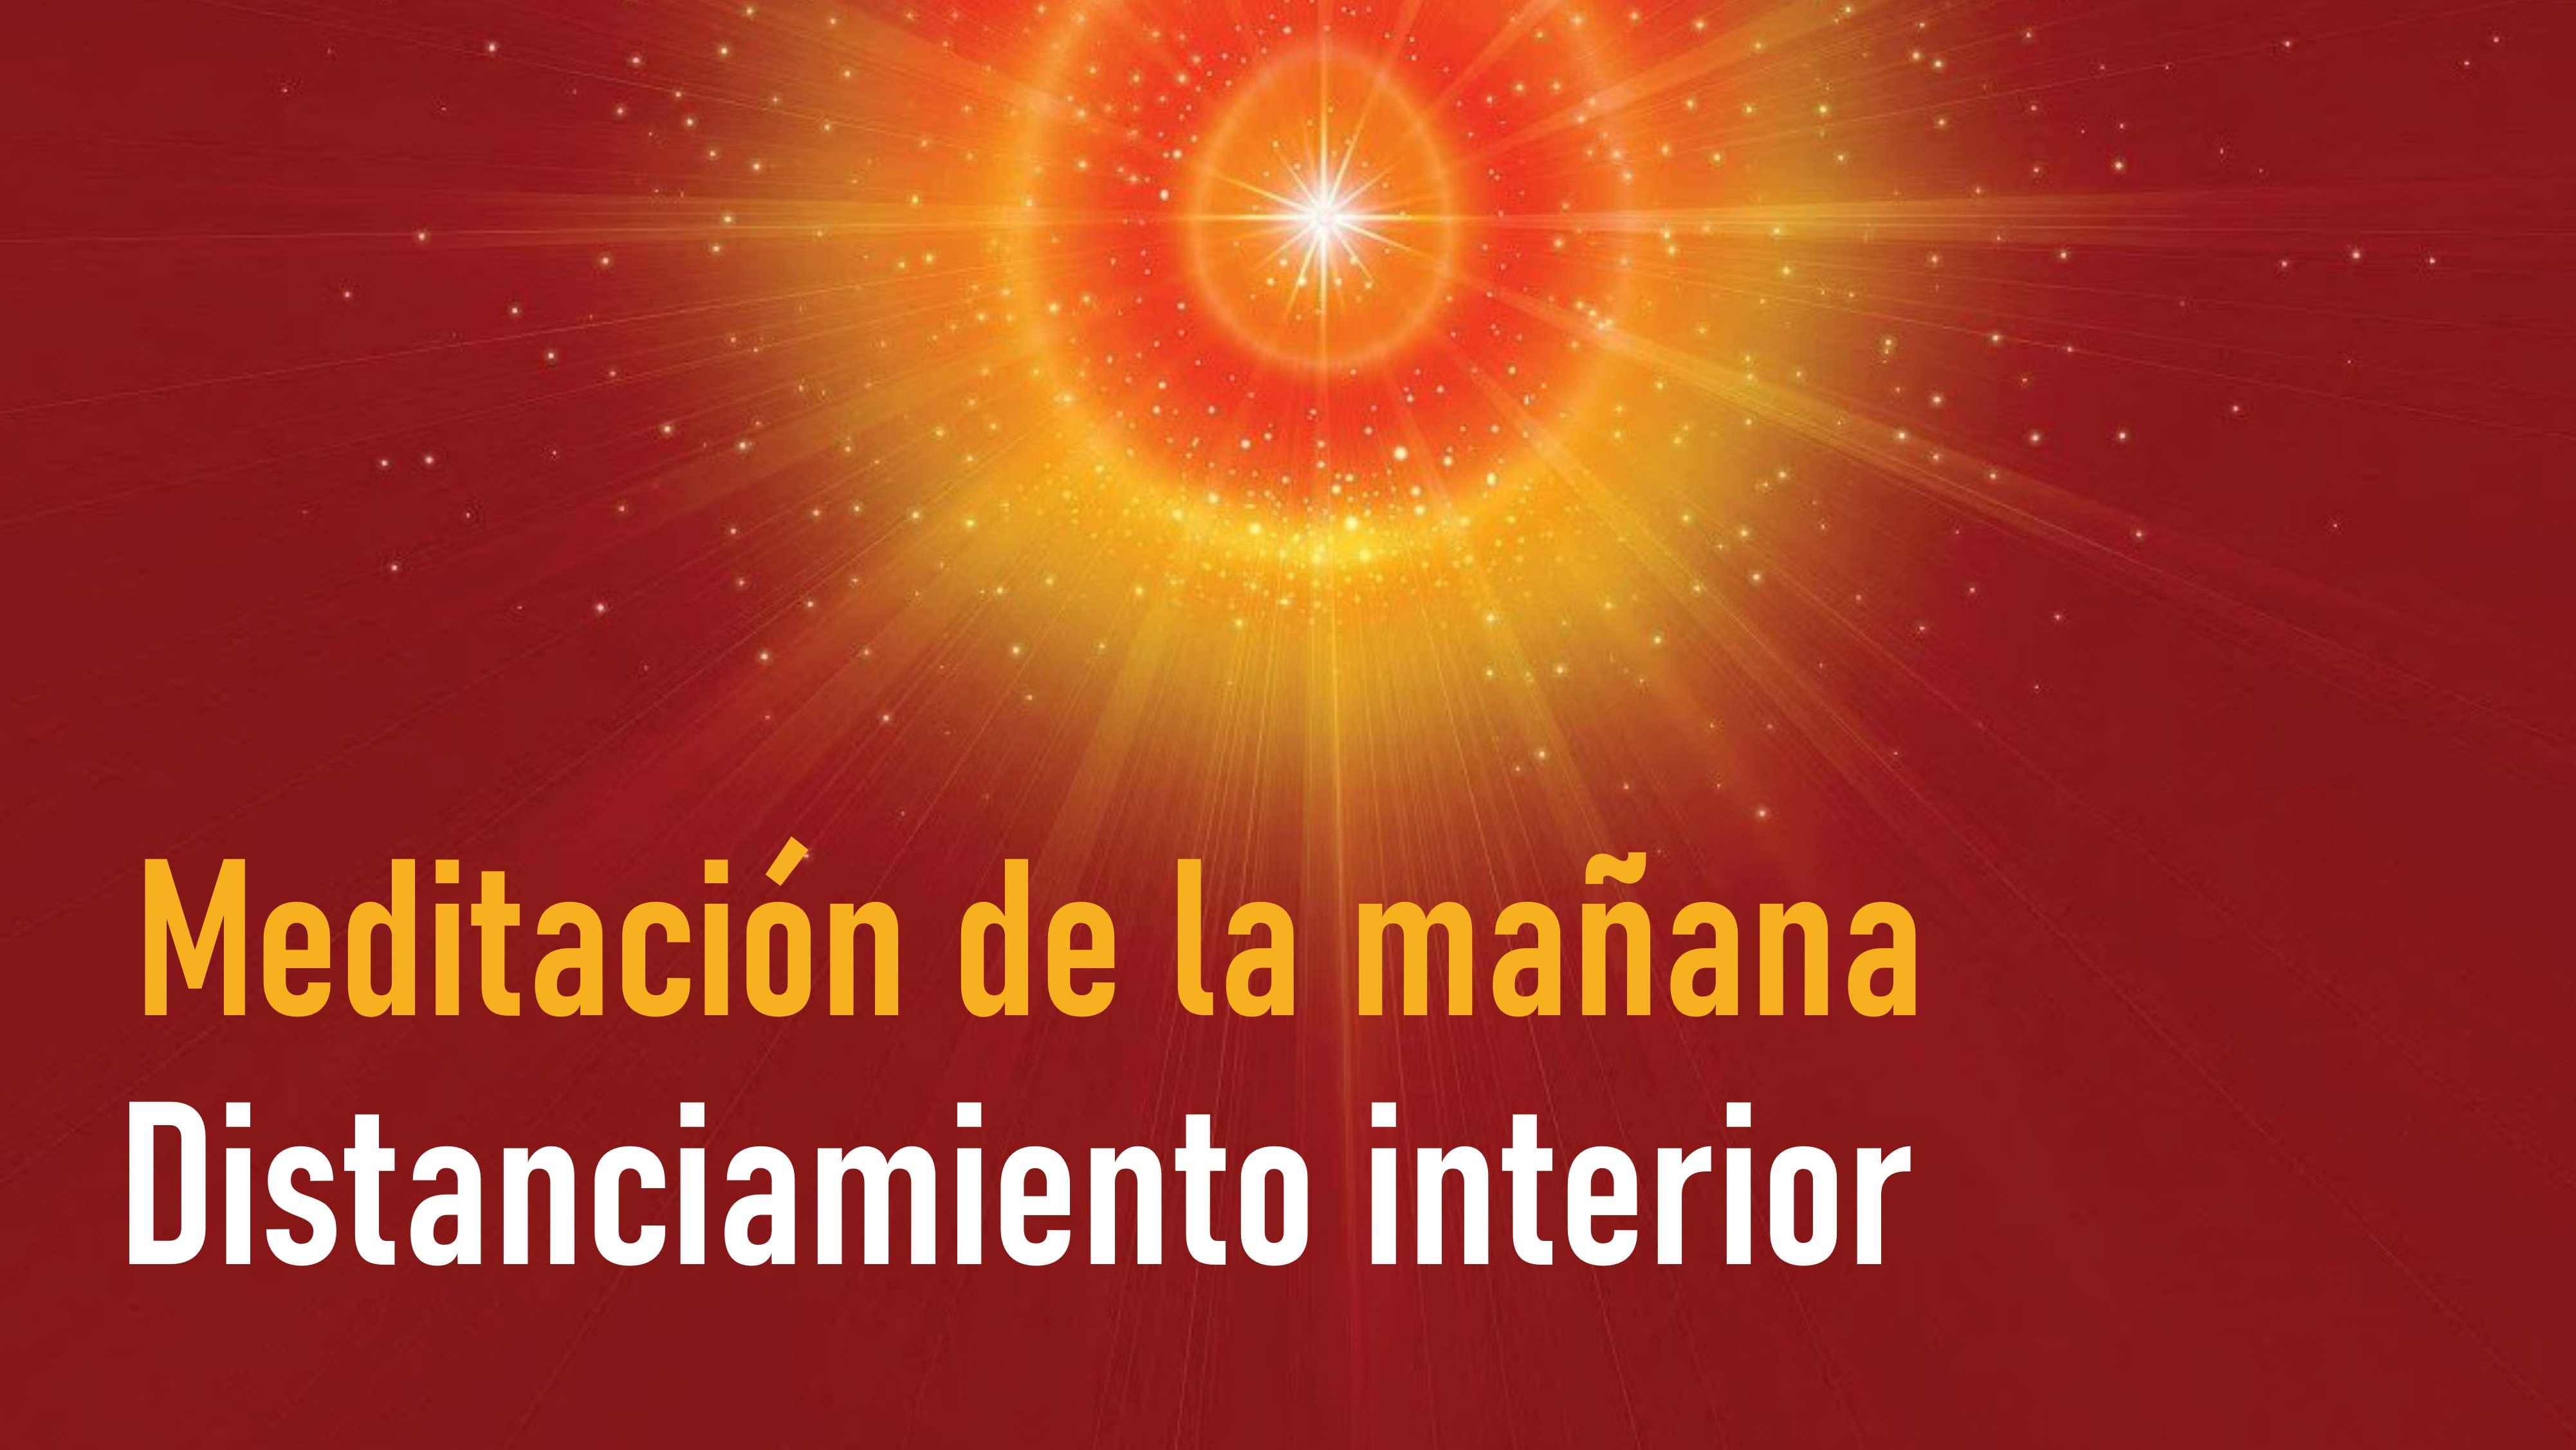 Meditación de la Mañana: Distanciamiento interior (22 Agosto 2020)